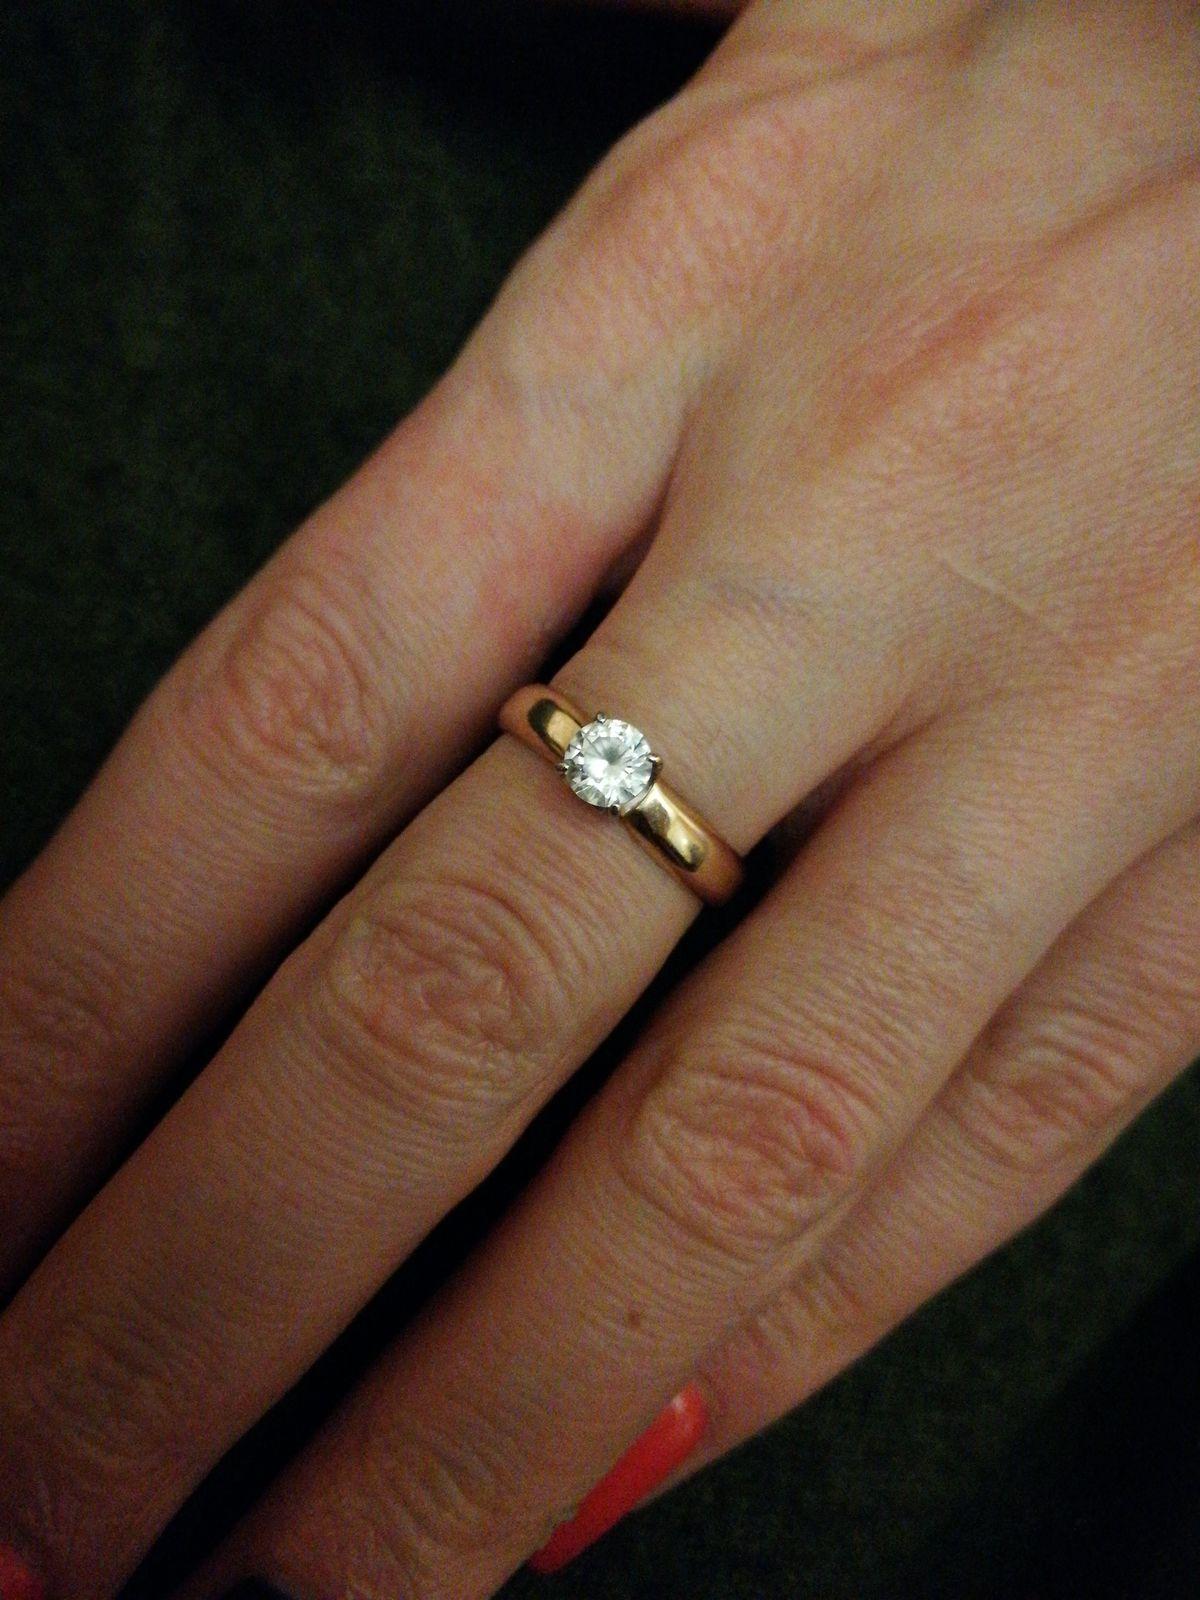 Впечатления о приобретенной модели кольца